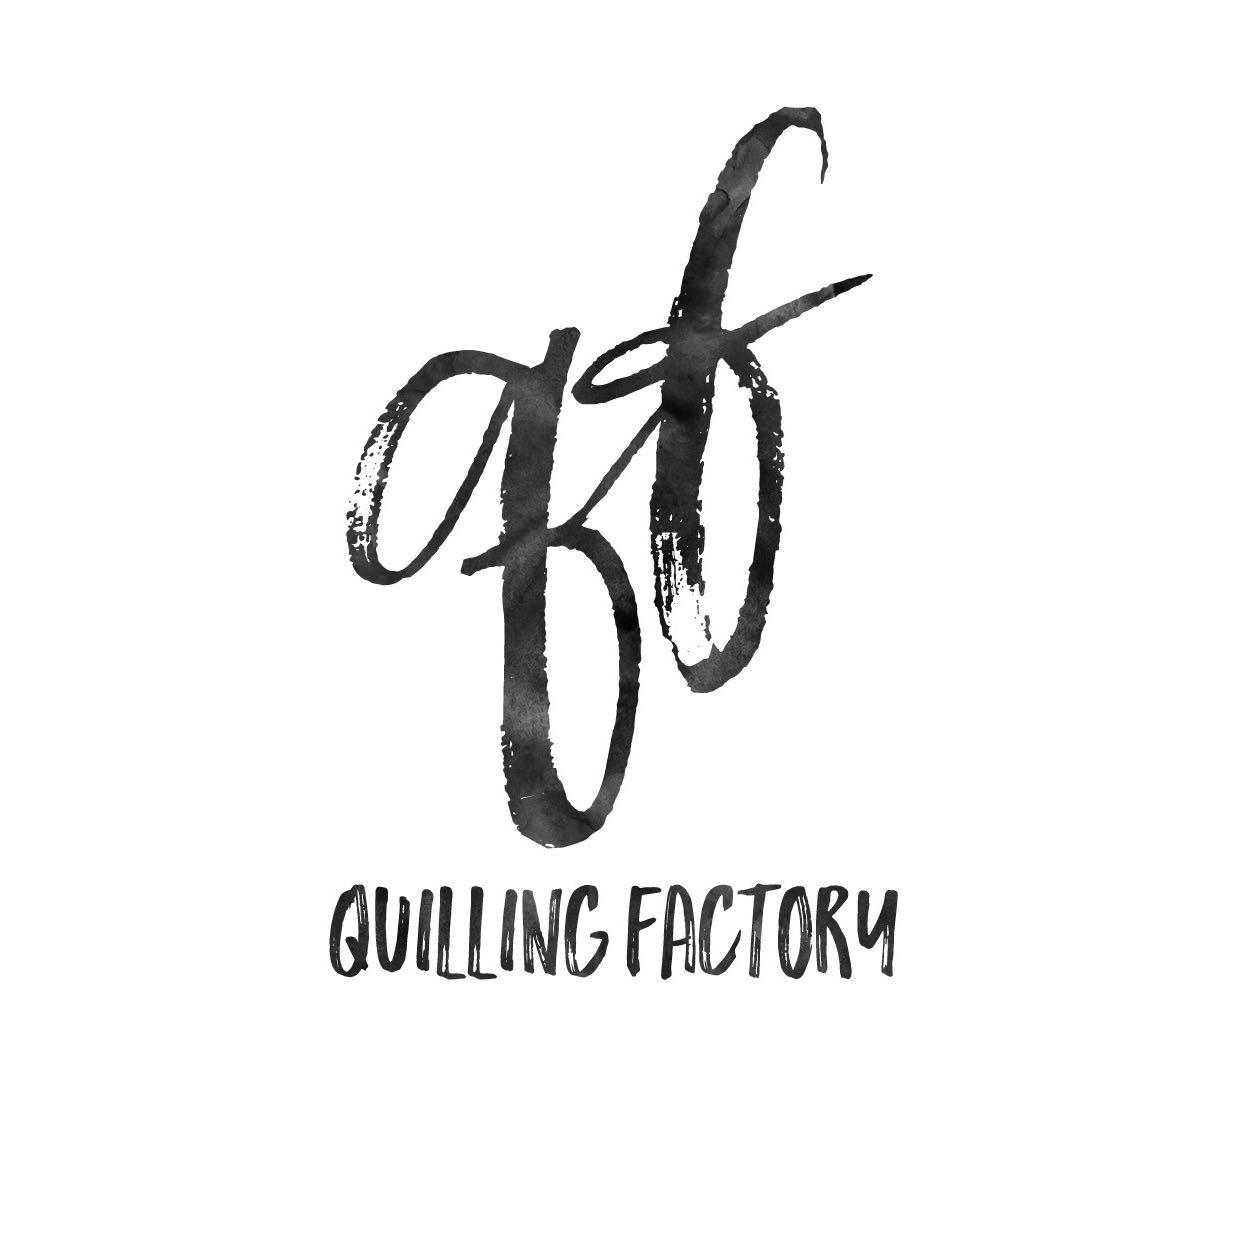 quillingfactory